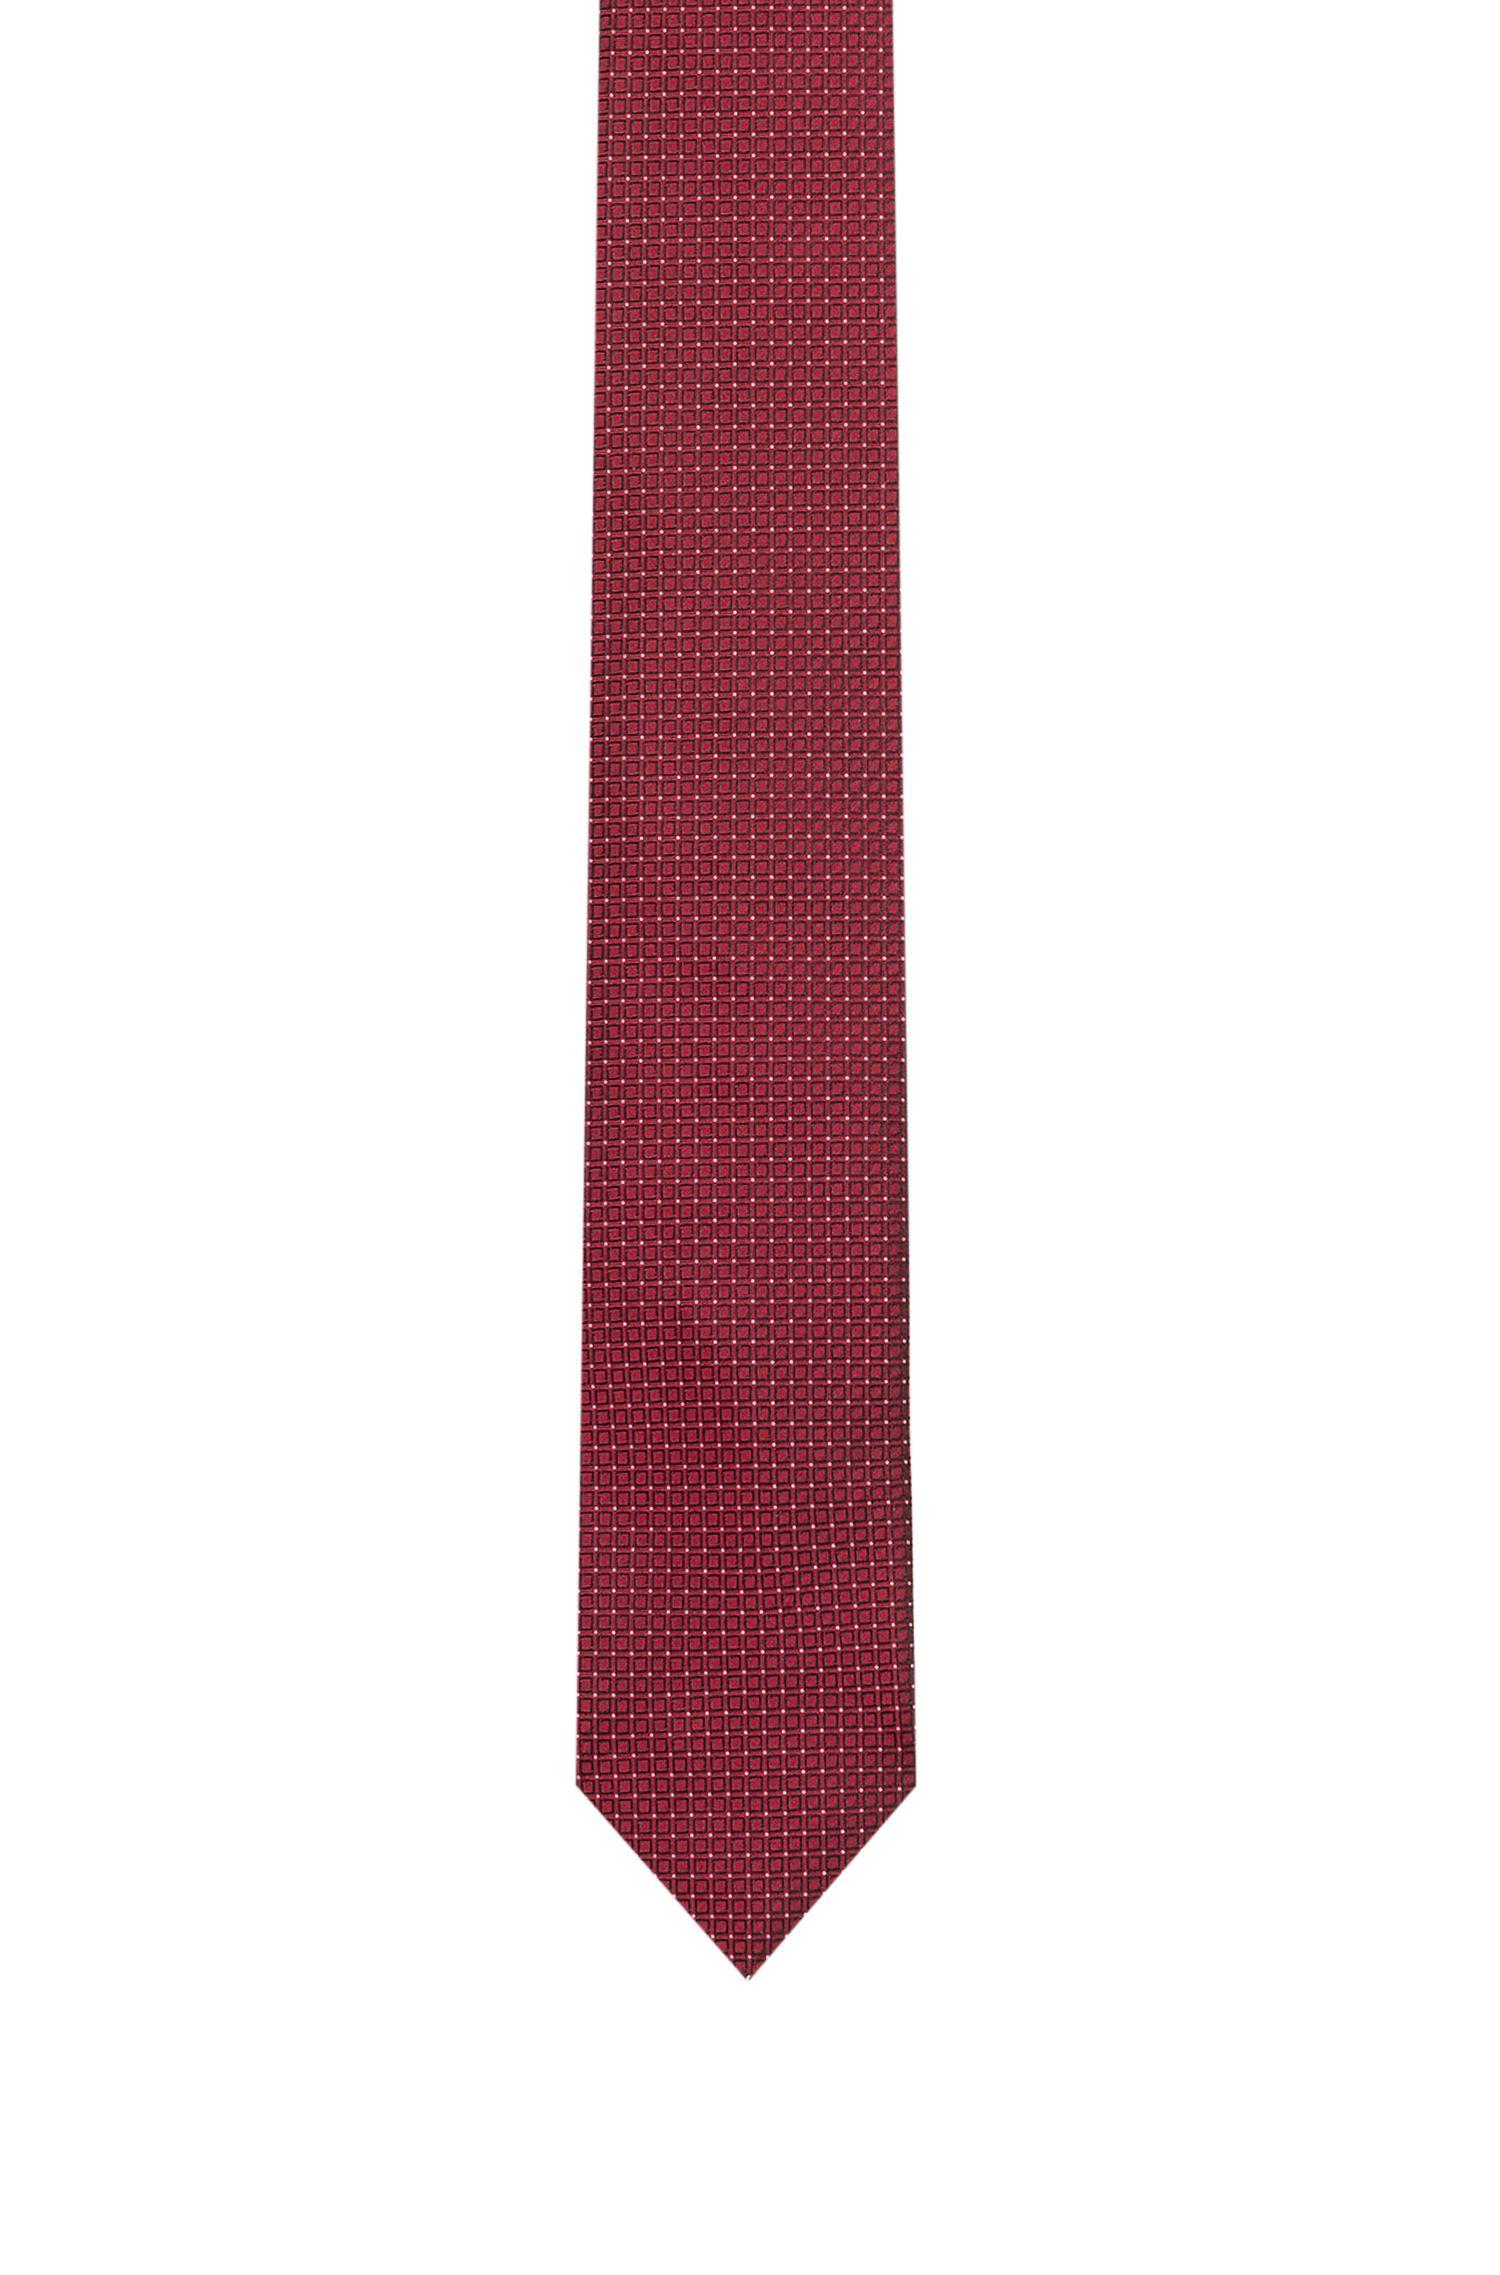 Jacquard-Krawatte aus reiner Seide mit filigranem Muster, Rot